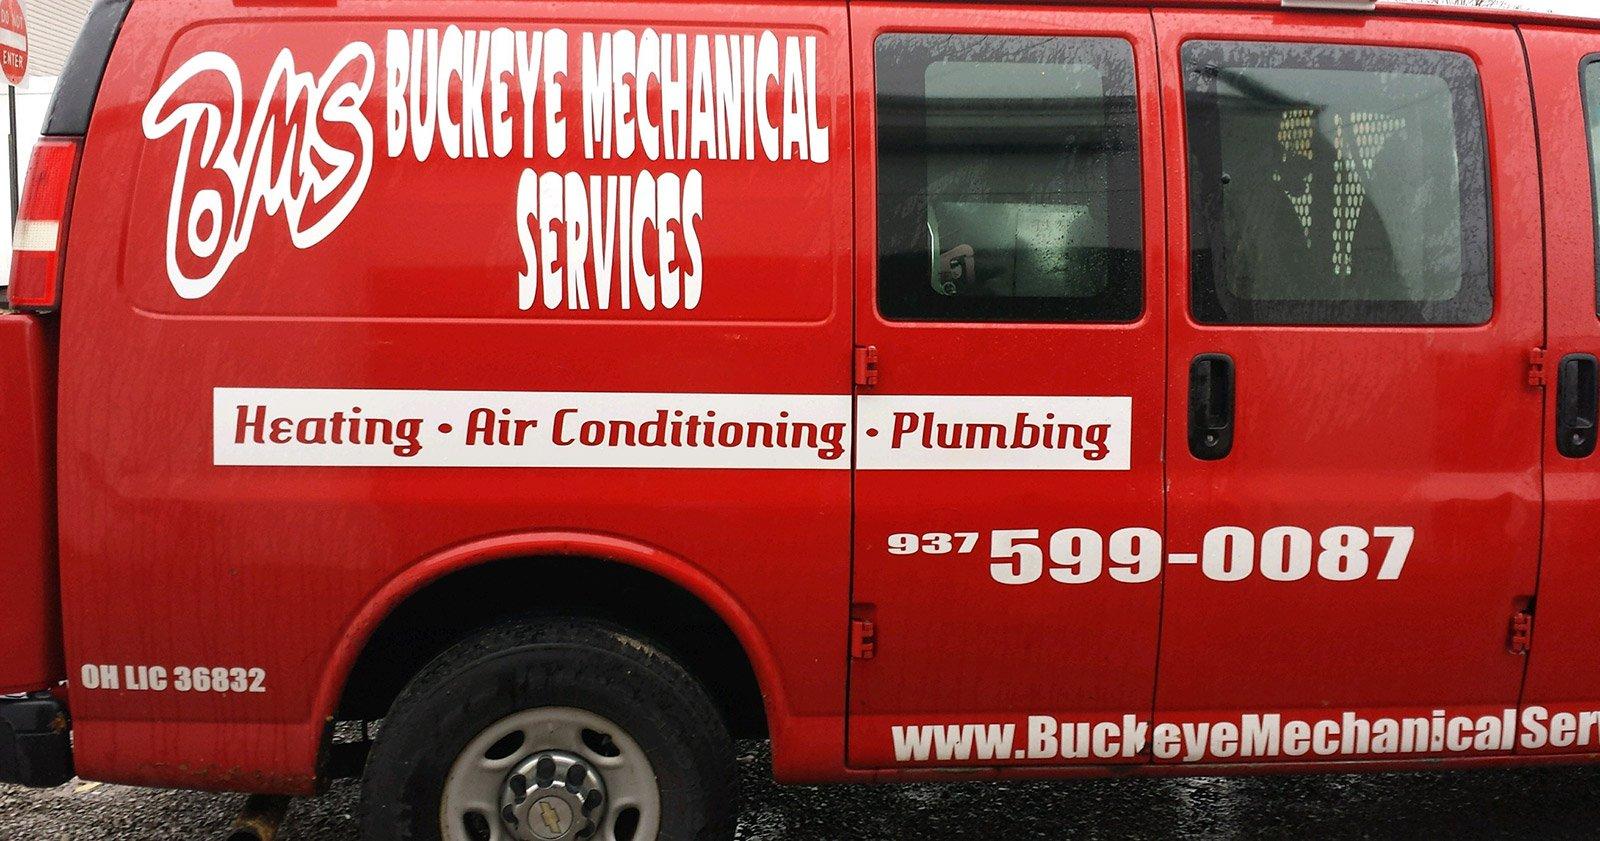 Buckeye Mechanical Services image 2